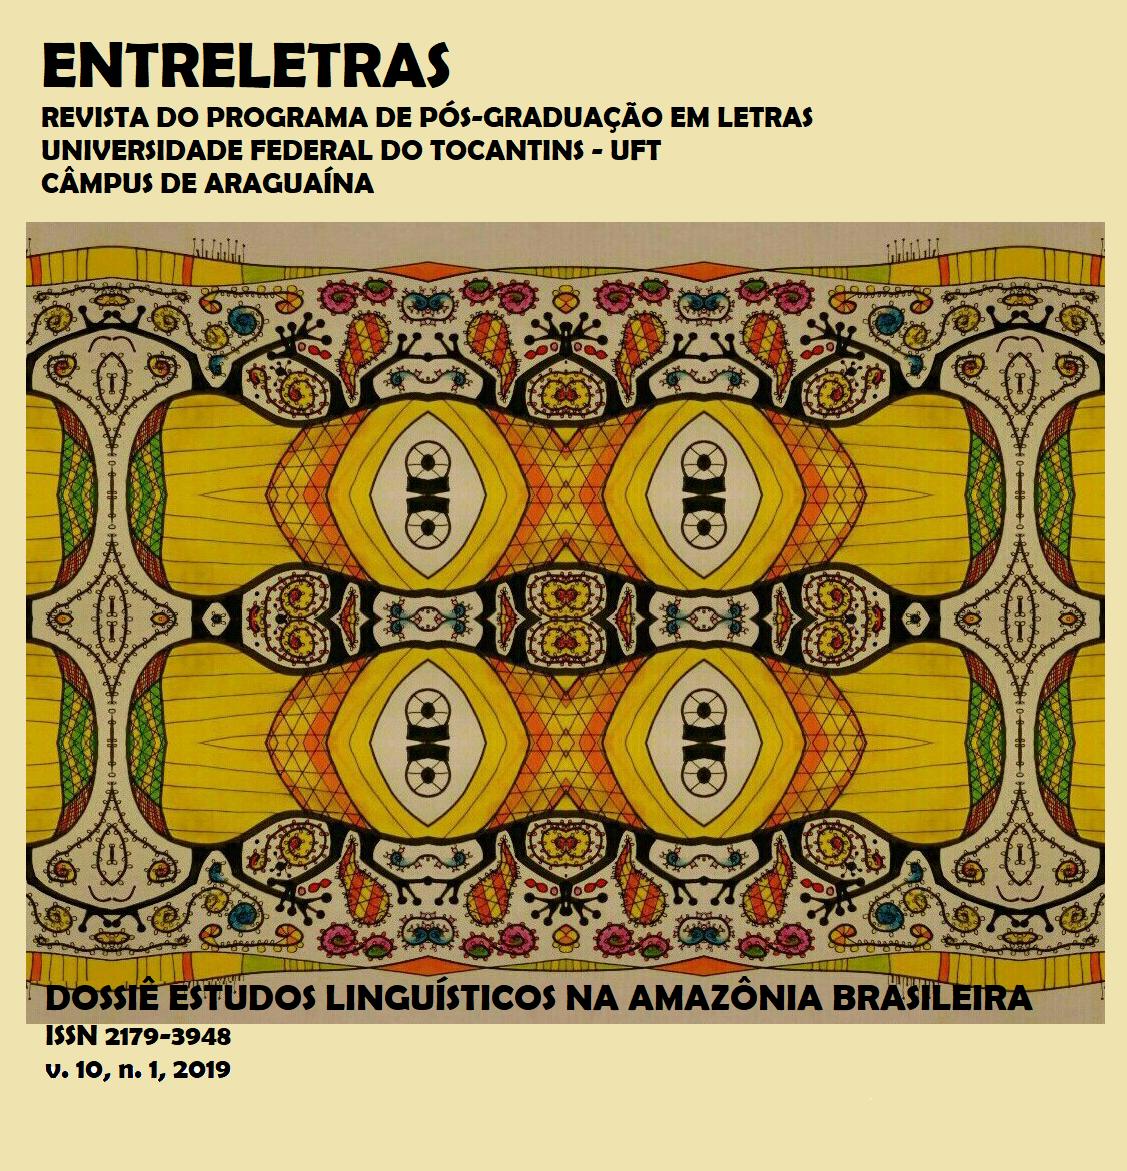 Dossiê Estudos Linguísticos na Amazônia Brasileira. Ilustração de Luiz Roberto Peel Furtado de Oliveira